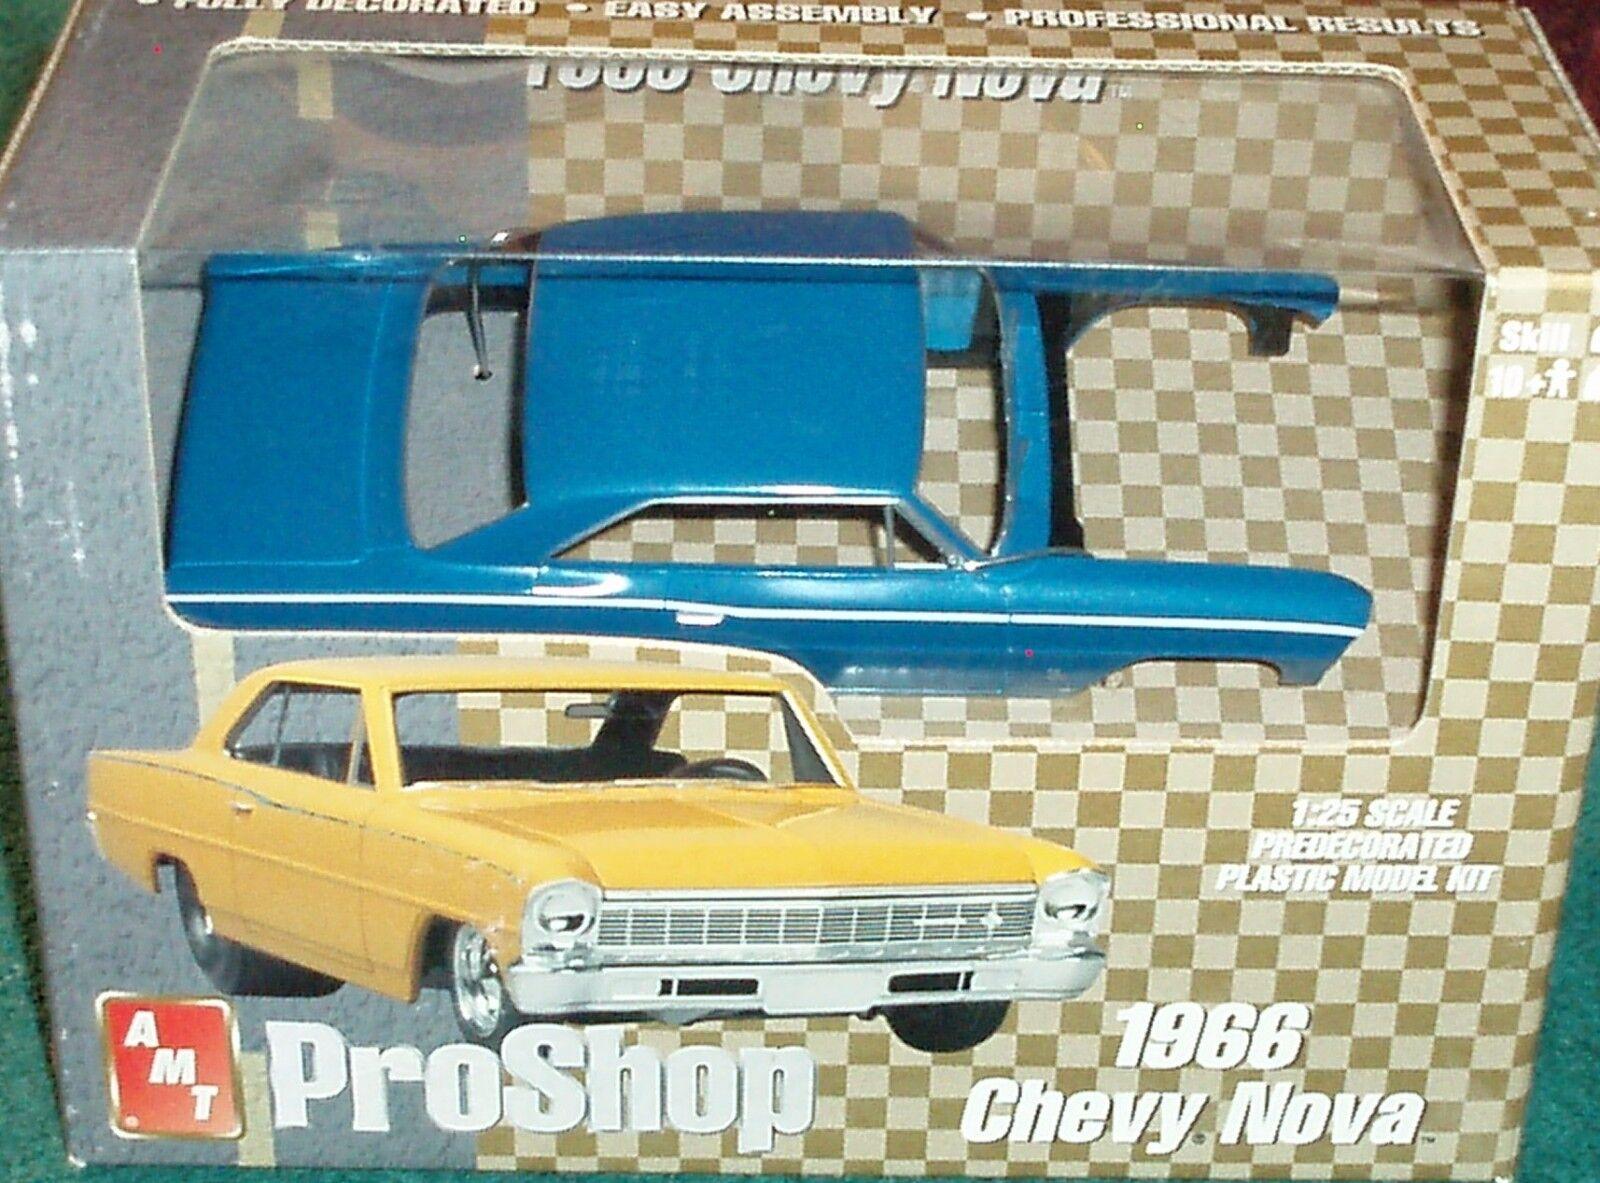 Aluminium Modèle Jouets Pro Shop 1966 Chevy Nova 1 25 prépeint PLASTIC MODEL KIT